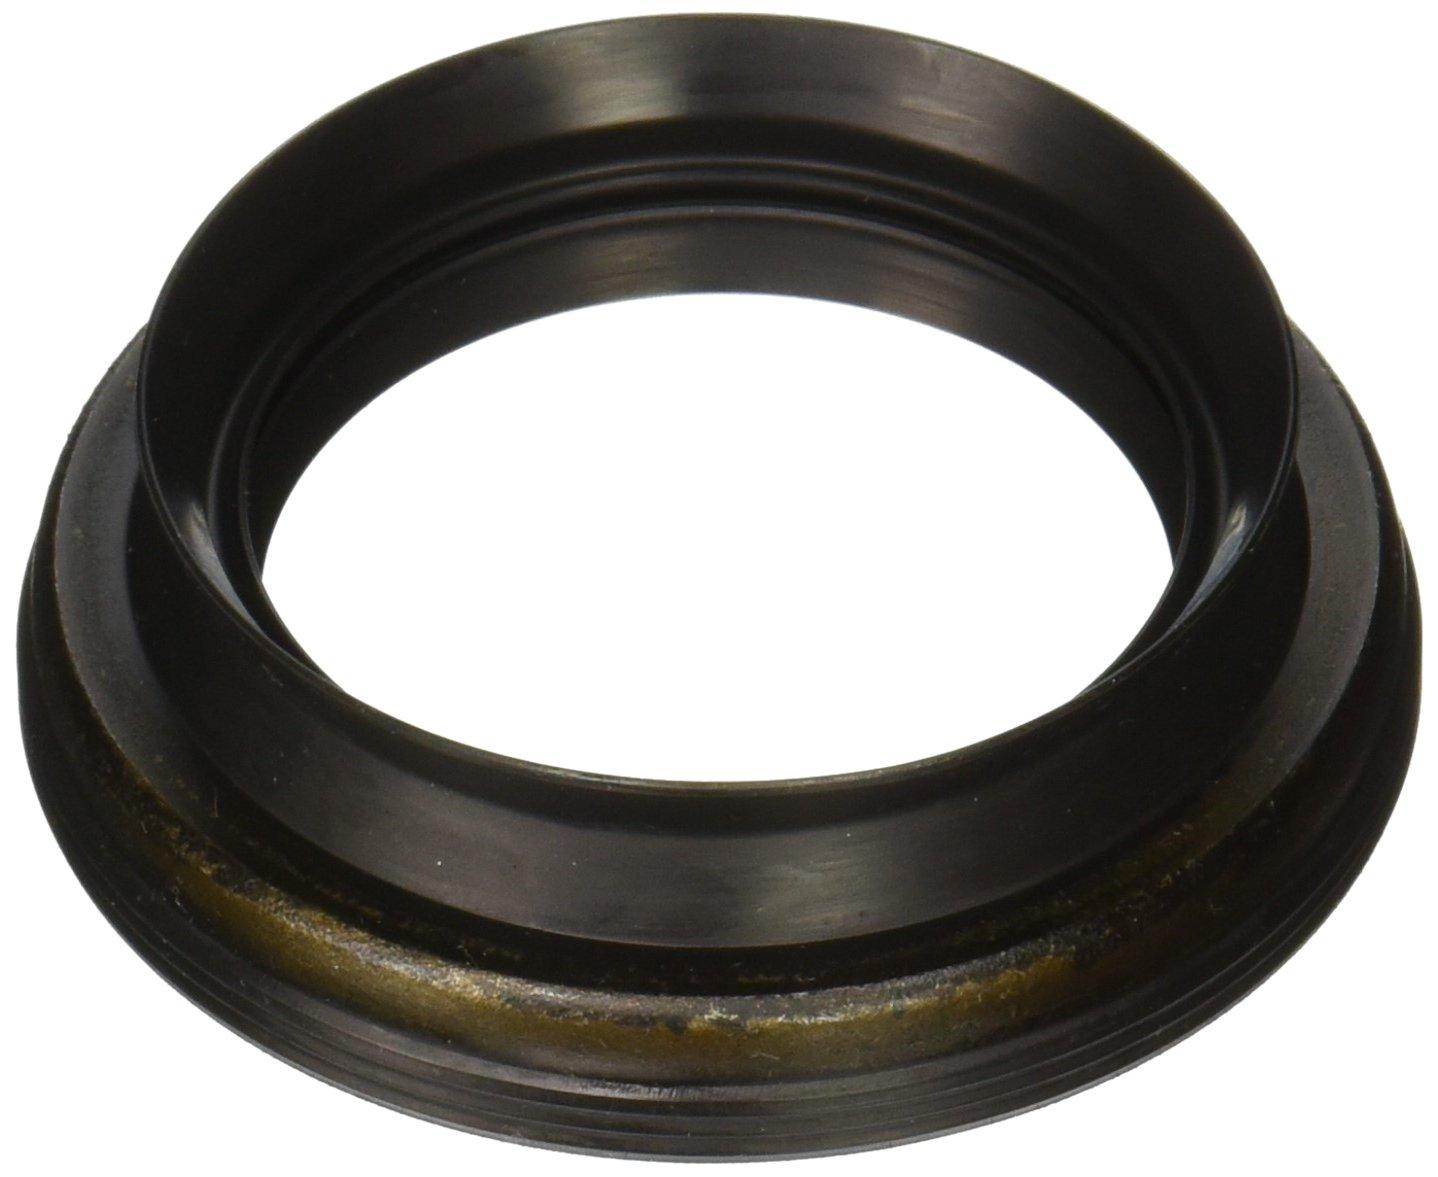 Centric 417.42035 Premium Oil Seal